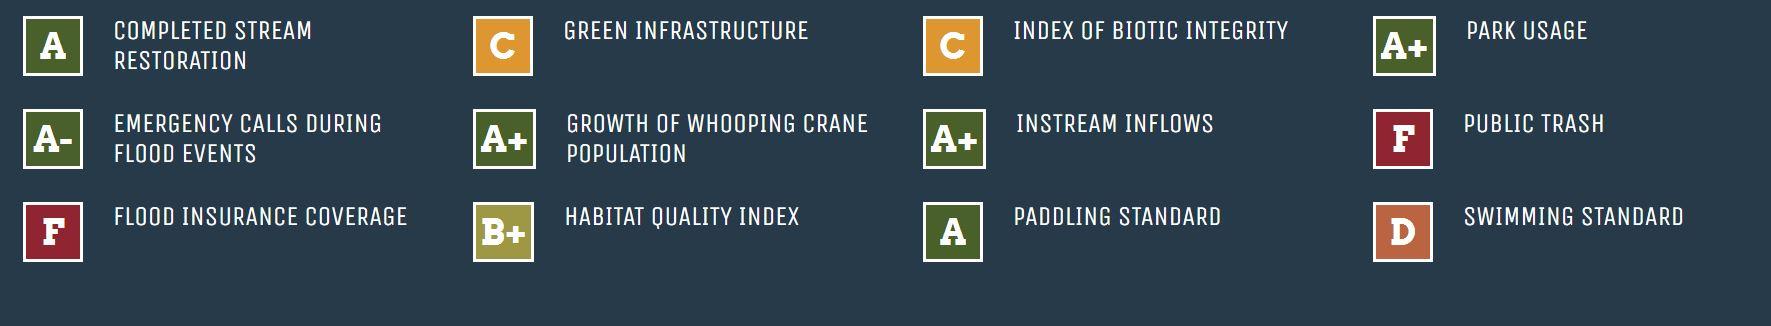 San Antonio River Basin Report Card 2020 Indicators